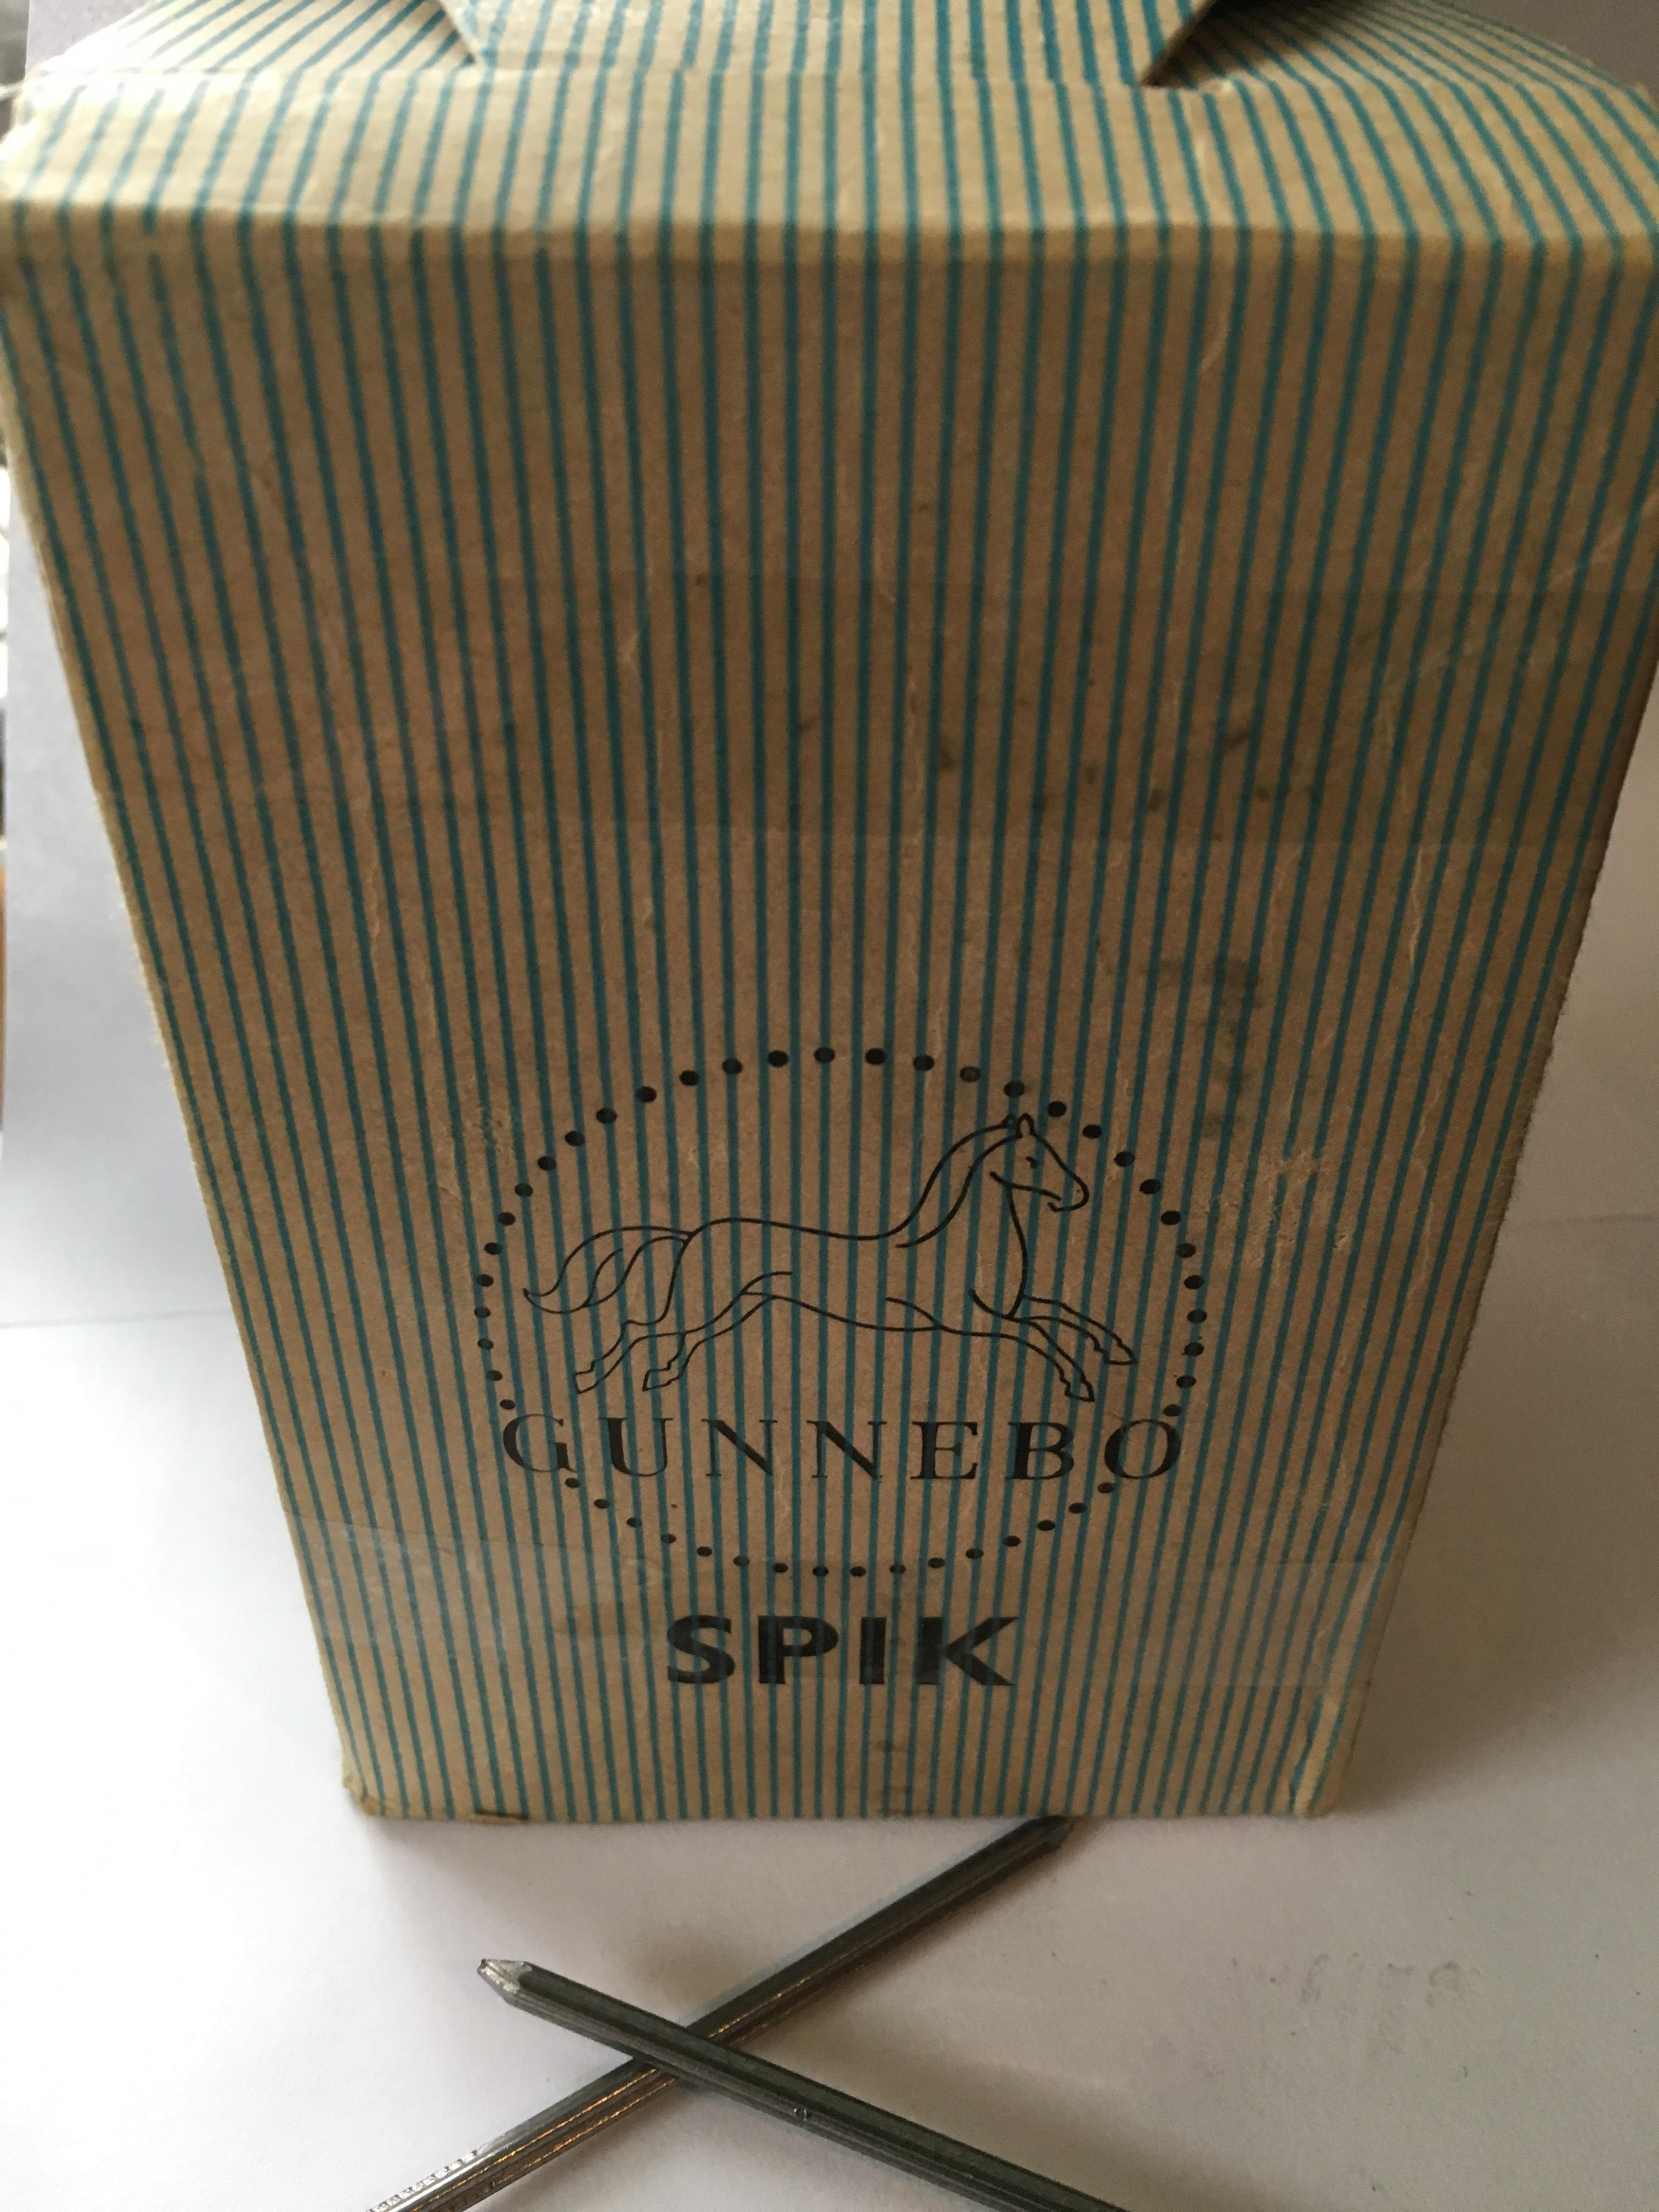 Spijkers Vierkant 75-31 Vintage jaren 50/60 !